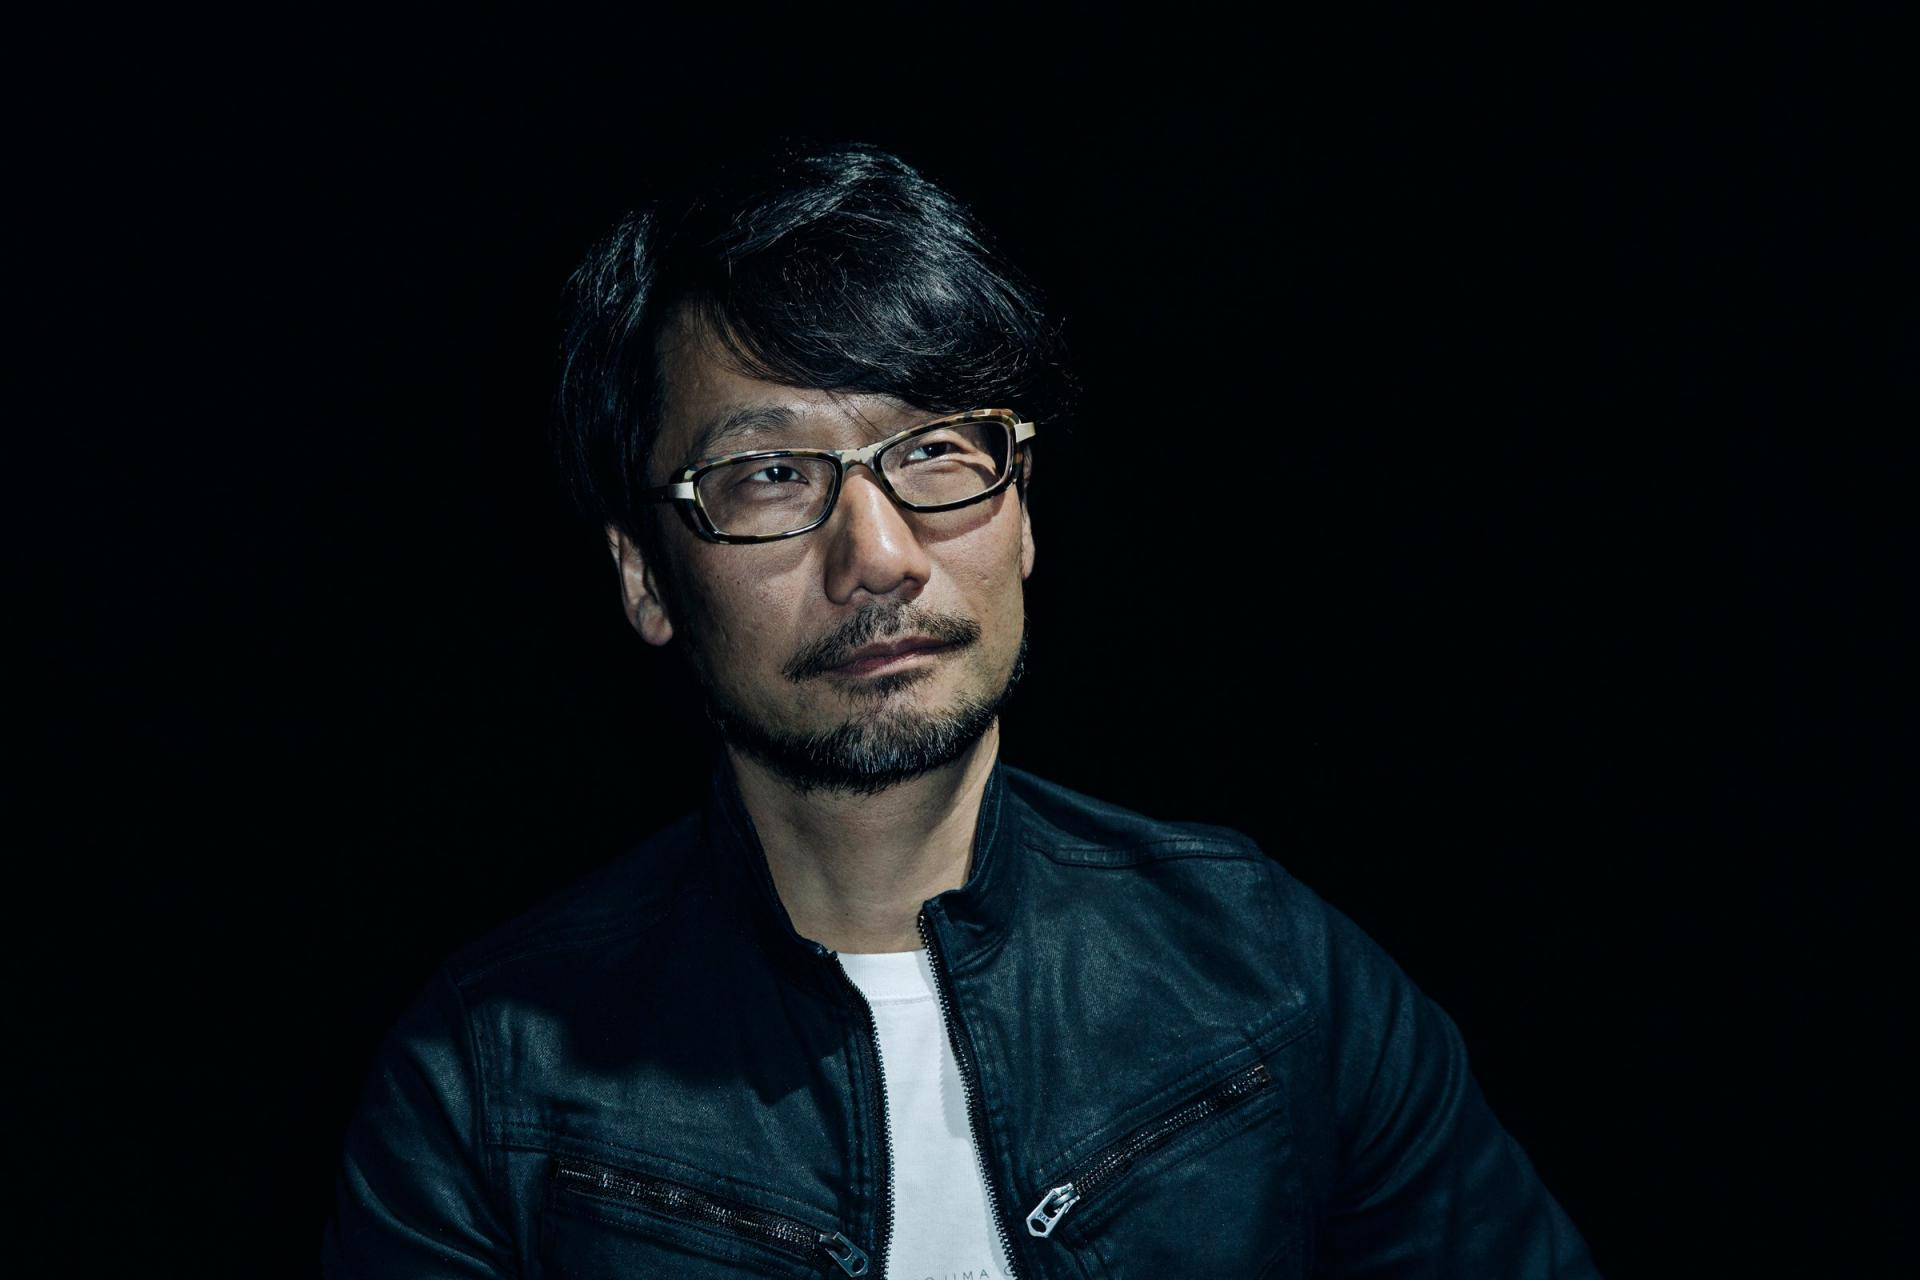 По слухам, Хидео Кодзима может выпустить игру для Microsoft